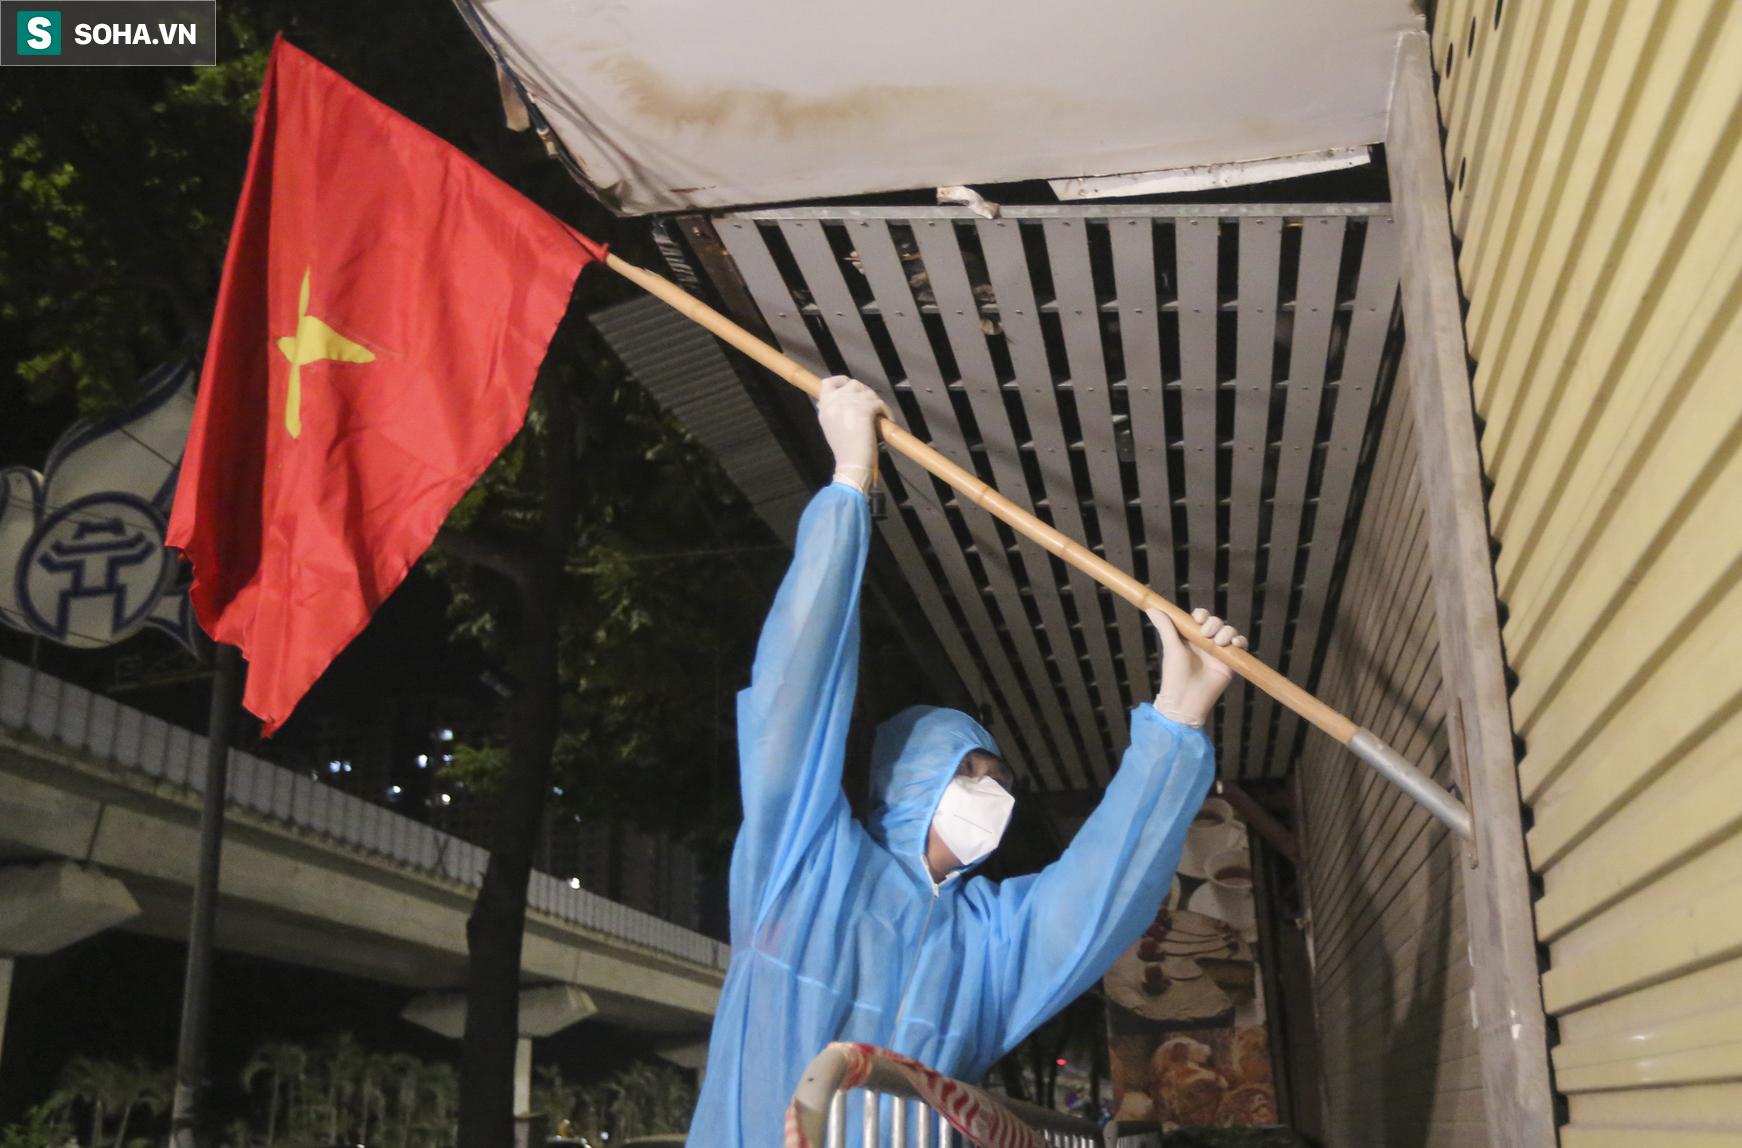 Hà Nội: Dỡ phong toả ổ dịch Thanh Xuân Trung, nhân viên y tế vui mừng bật khóc nức nở - Ảnh 8.